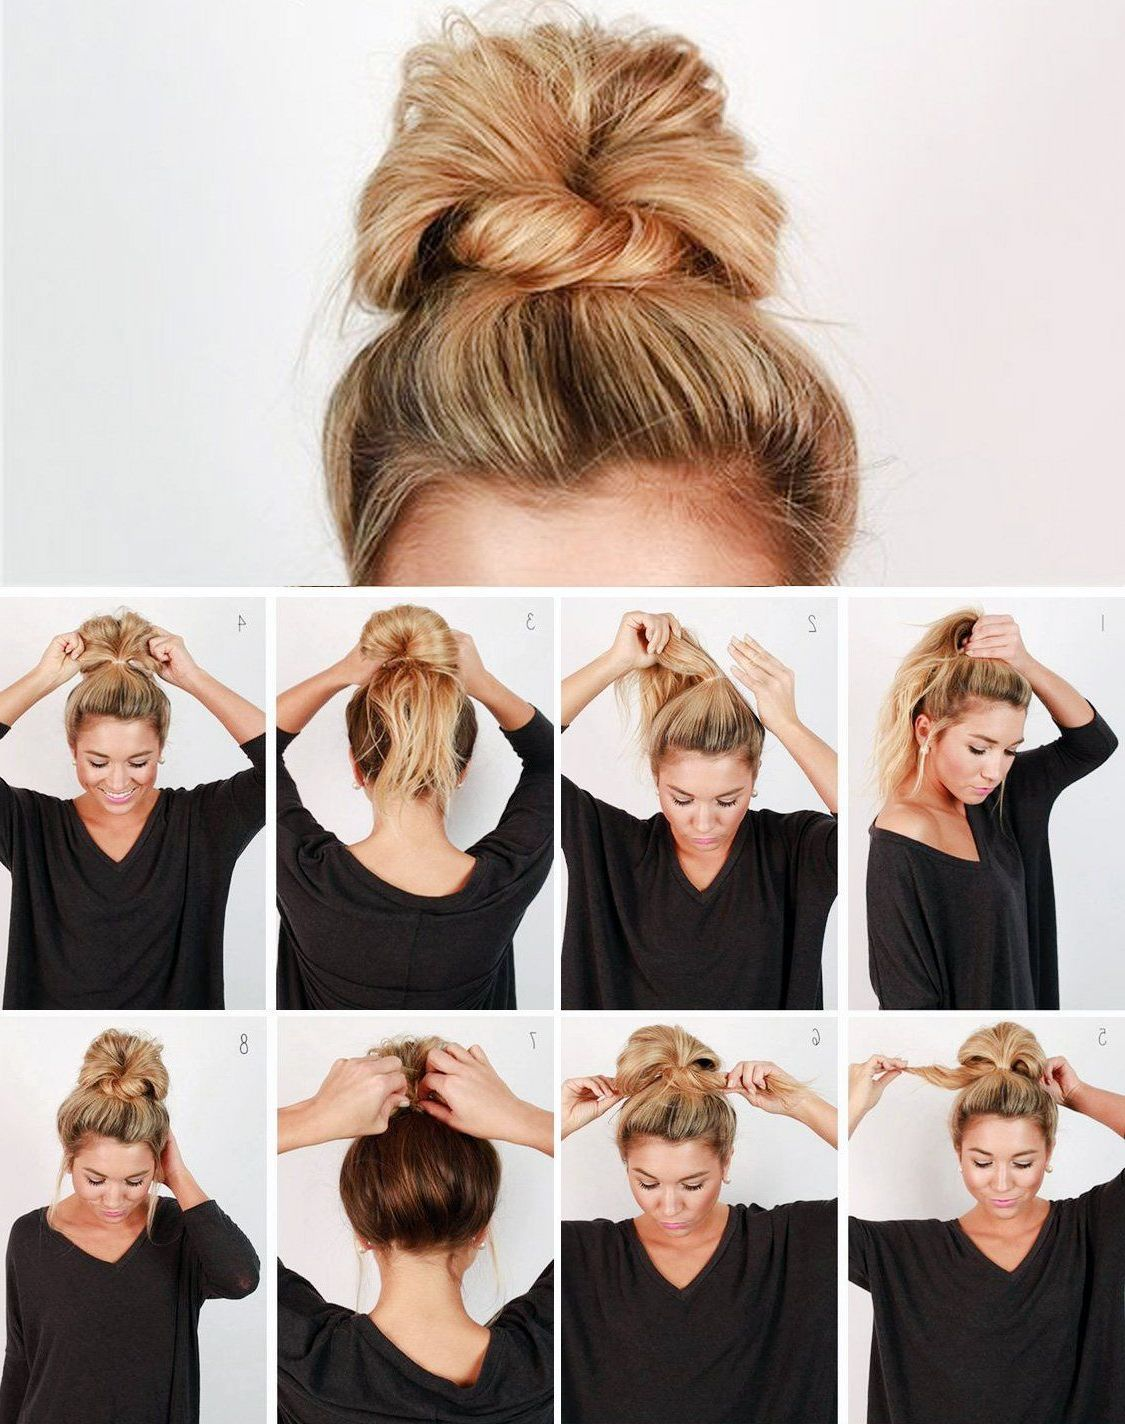 Einfache Frisuren Fur Den Alltag 40 Tolle Ideen Beauty Frisurentrends Zenideen In 2020 Frisuren Lange Haare Alltag Mittellange Haare Frisuren Einfach Frisuren Lange Haare Anleitung